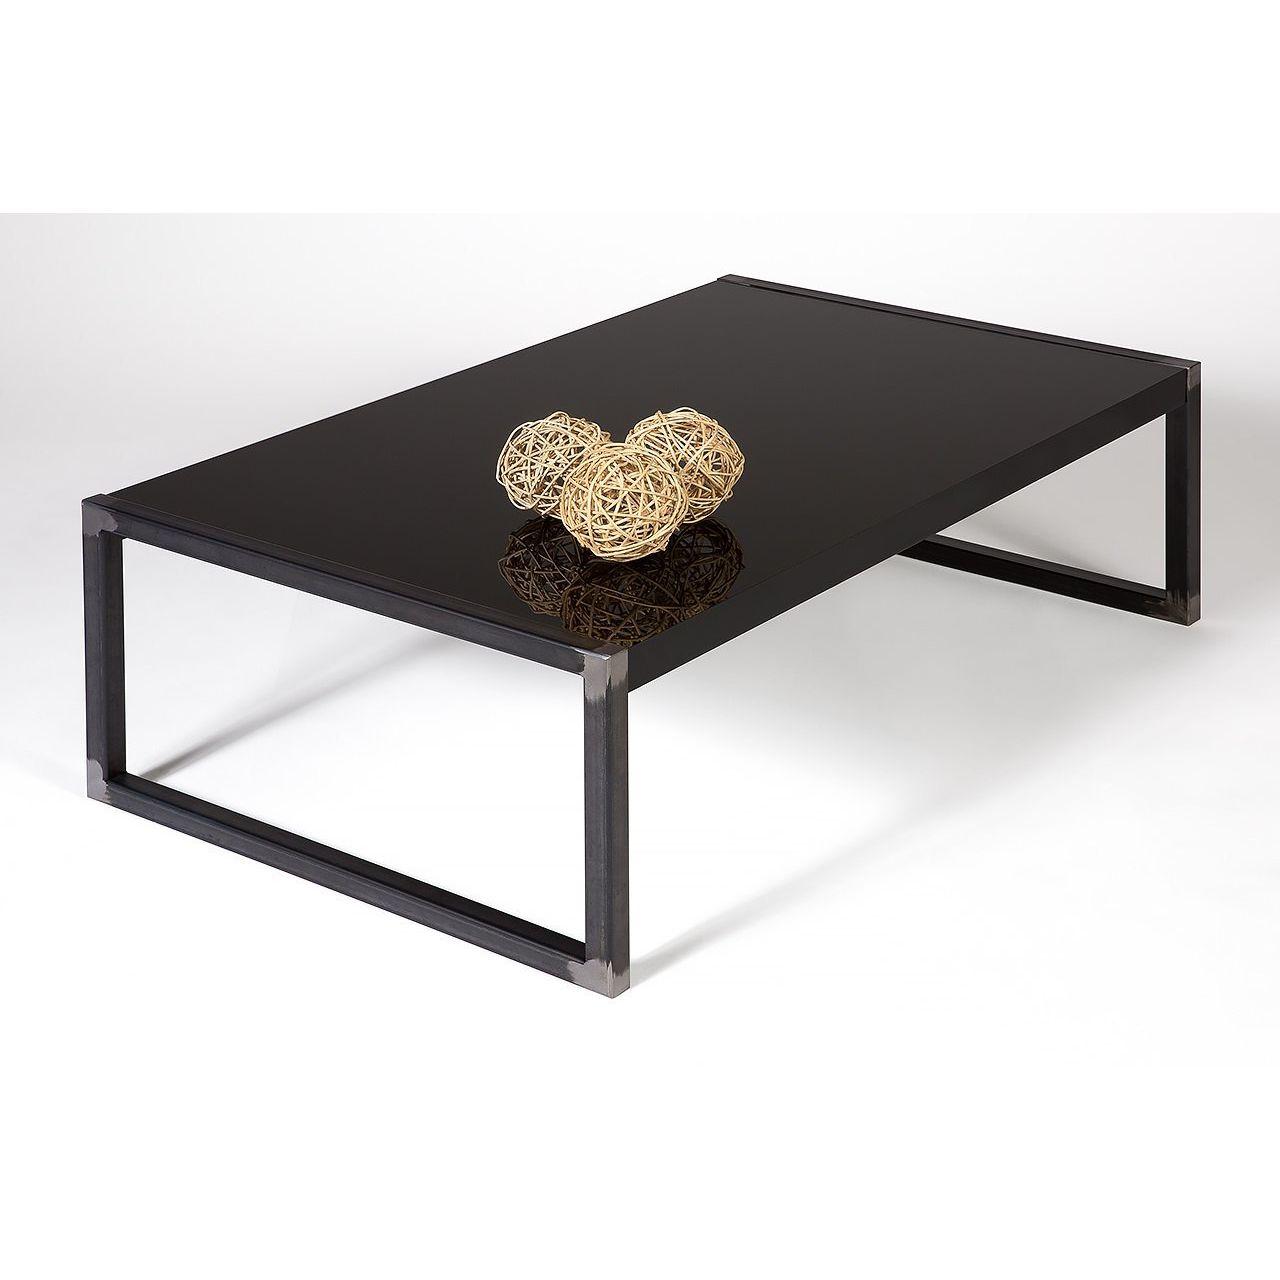 Dimensioni: 90 x 55 x 45 cm Colore: Bianco Tavolino da caff/è My- Stylo Collection